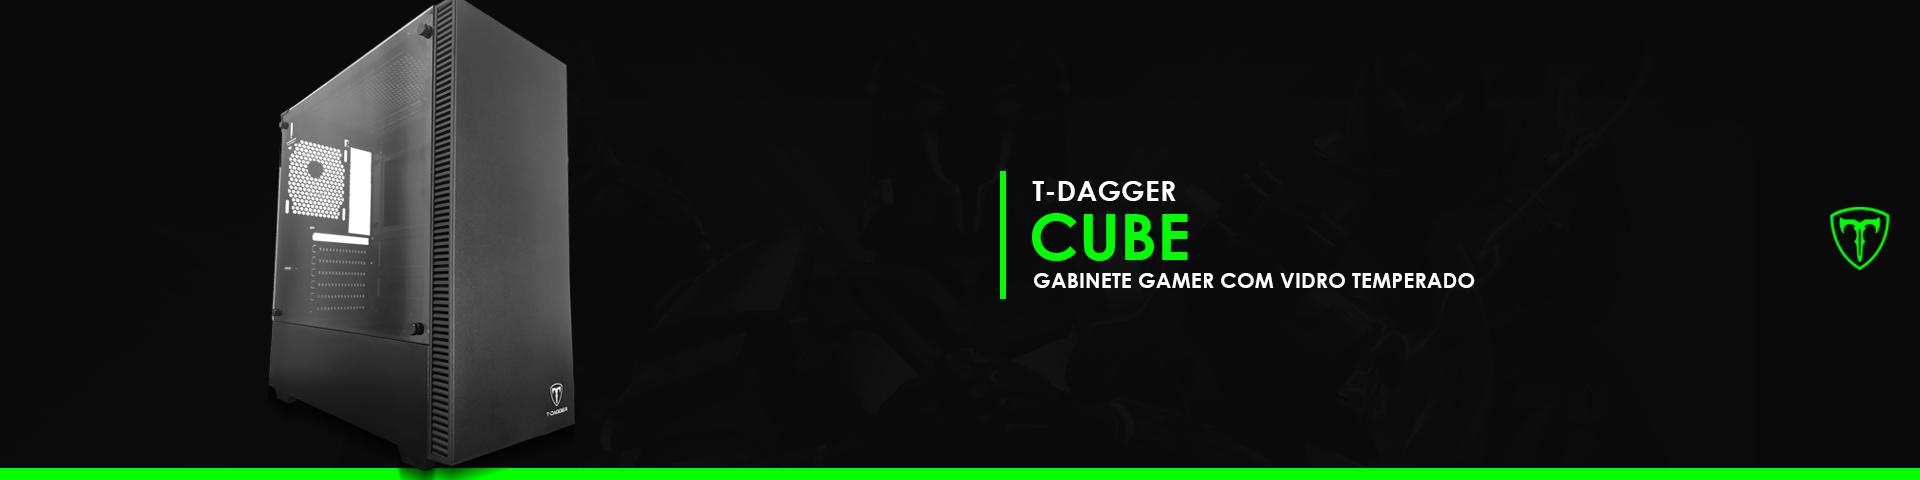 Proteção e Estilo para seu Setup com o T-Dagger Cube